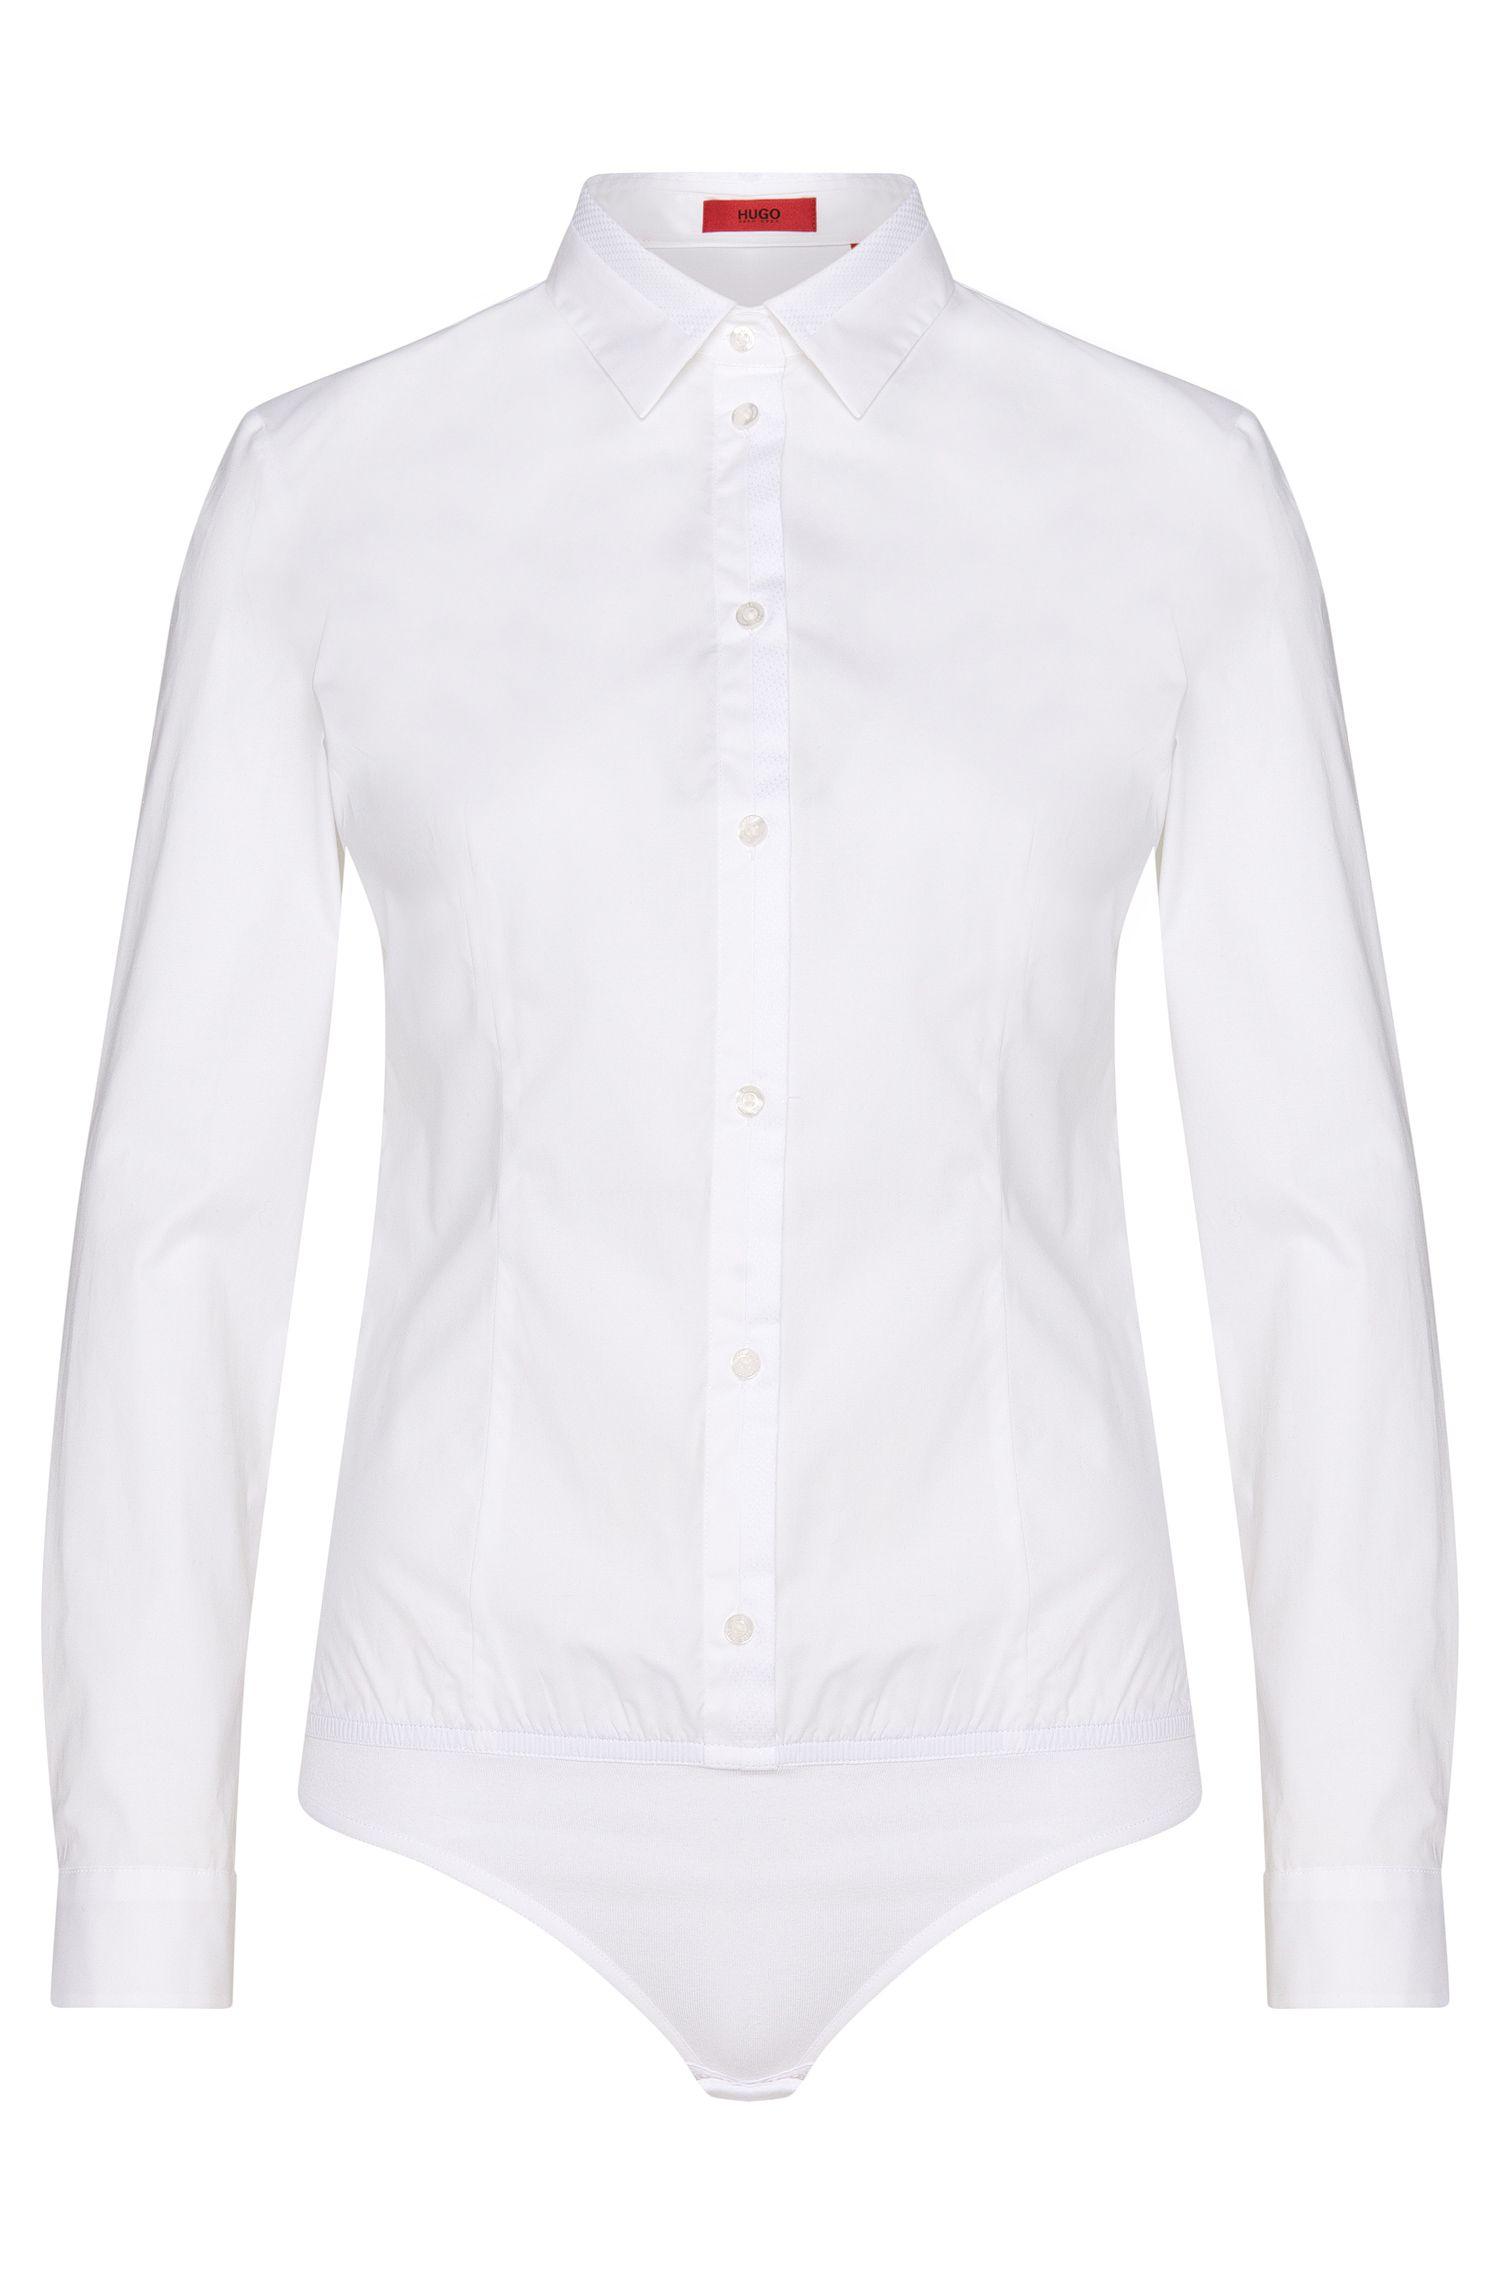 Stringbody-Bluse aus Stretch-Baumwolle mit Elastiksaum: 'Elyn'